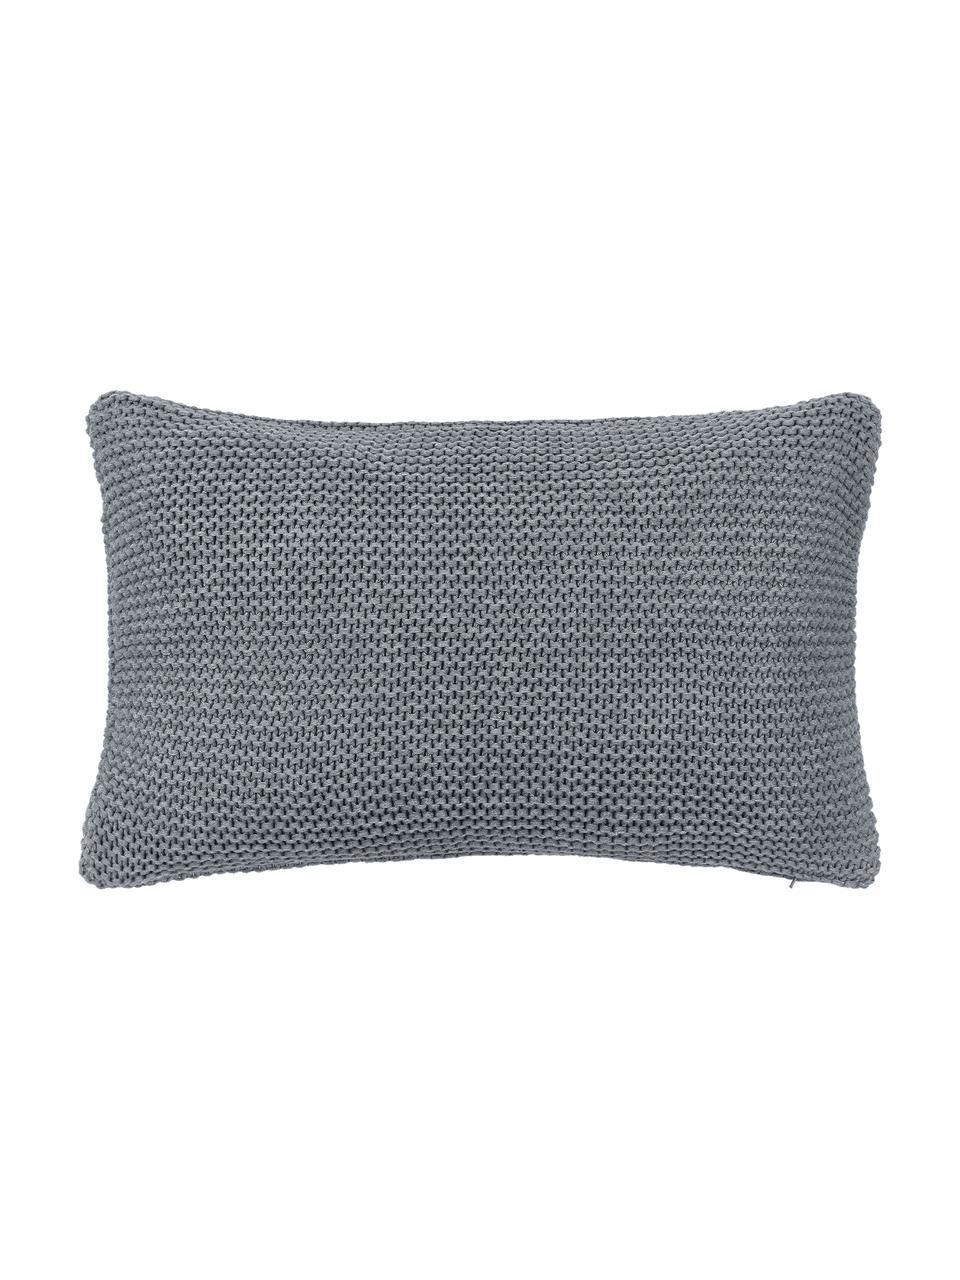 Housse de coussin rectangulaire gris Adalyn, Gris clair